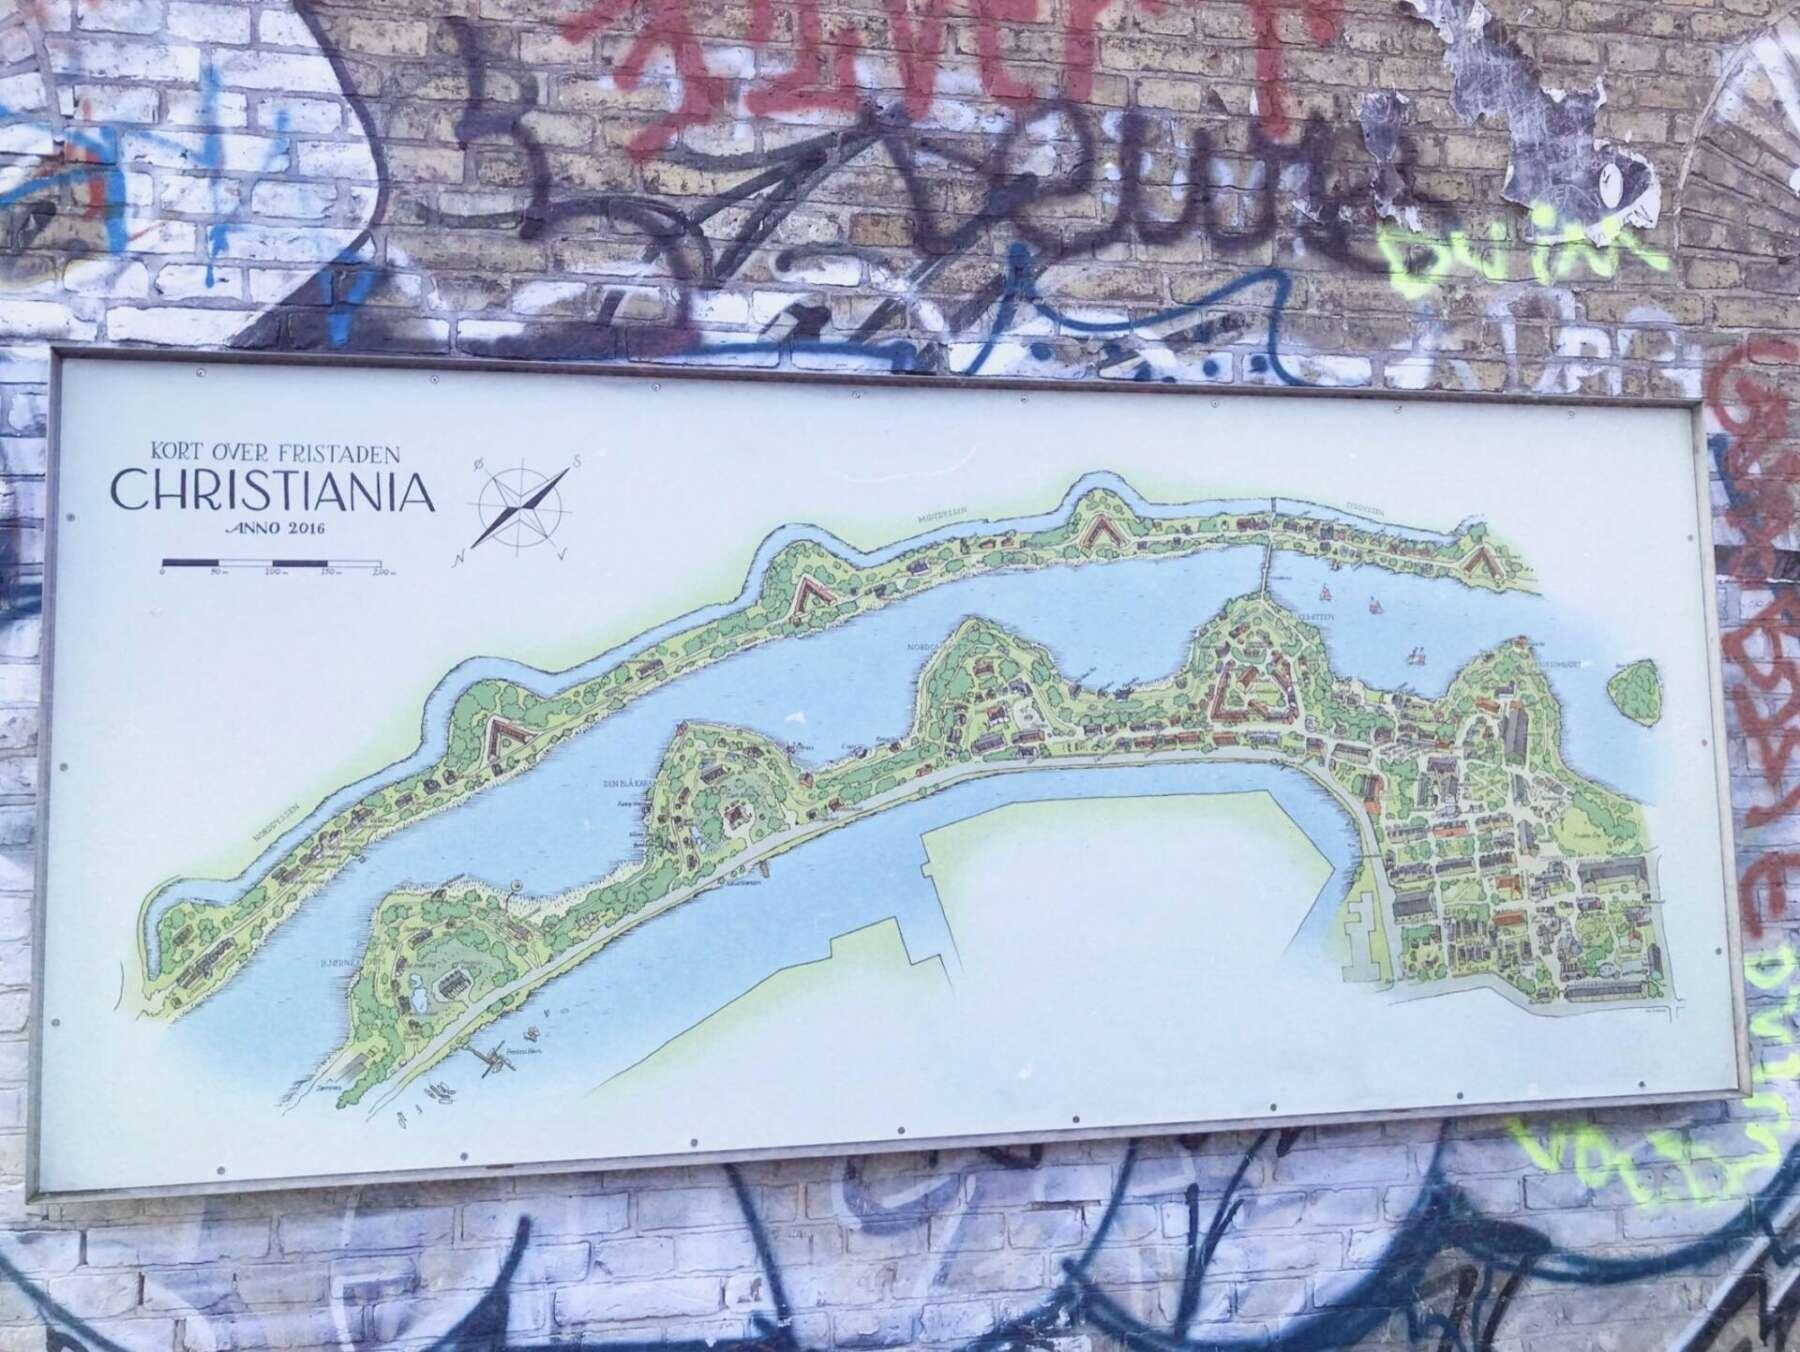 แผนที่คริสเทเนีย (Christiania)